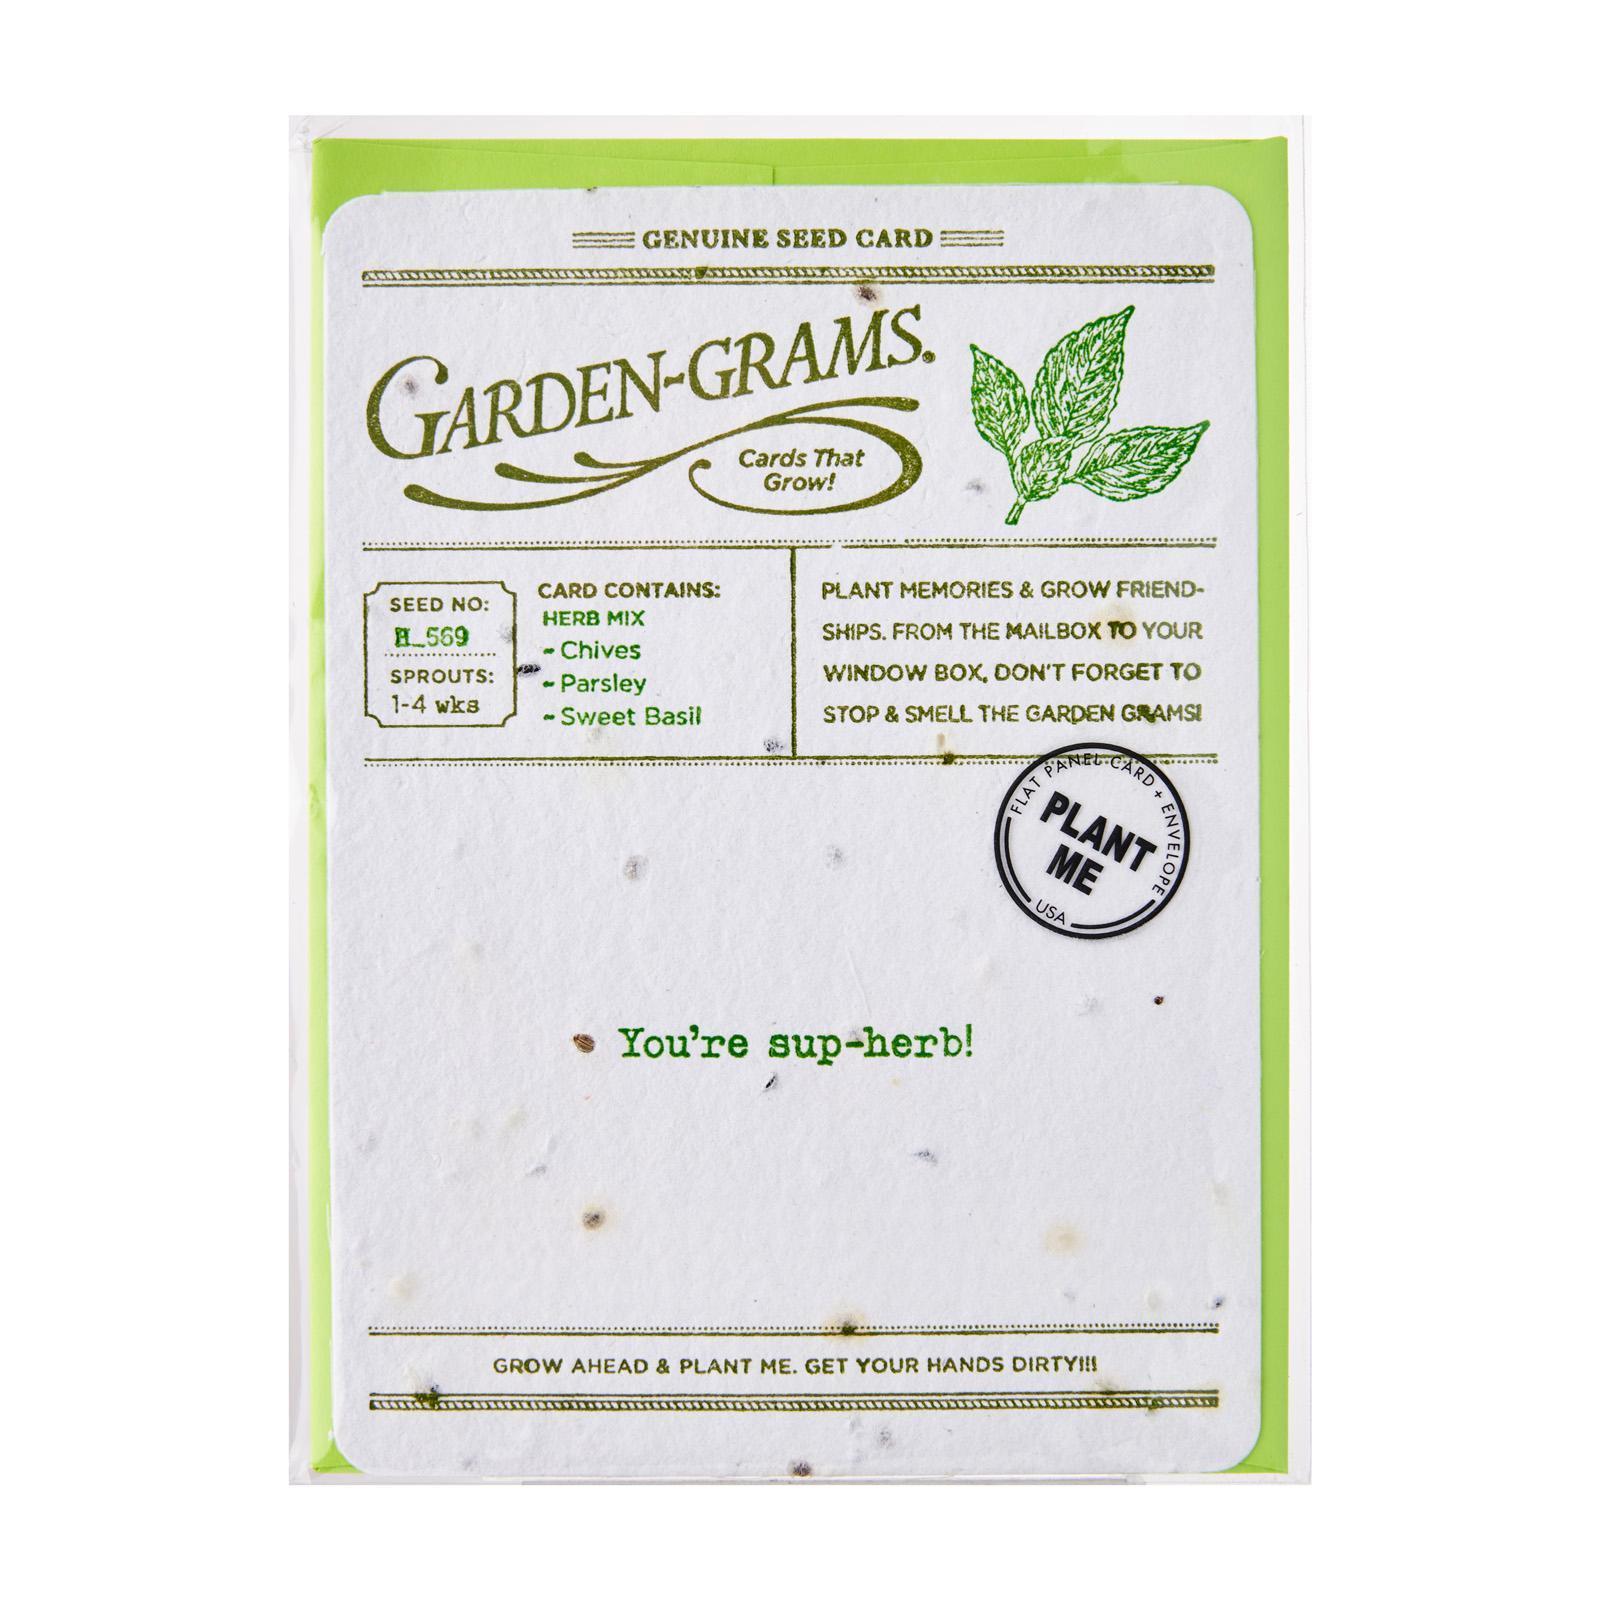 Garden-Grams Garden Grams - You're Sup-Herb